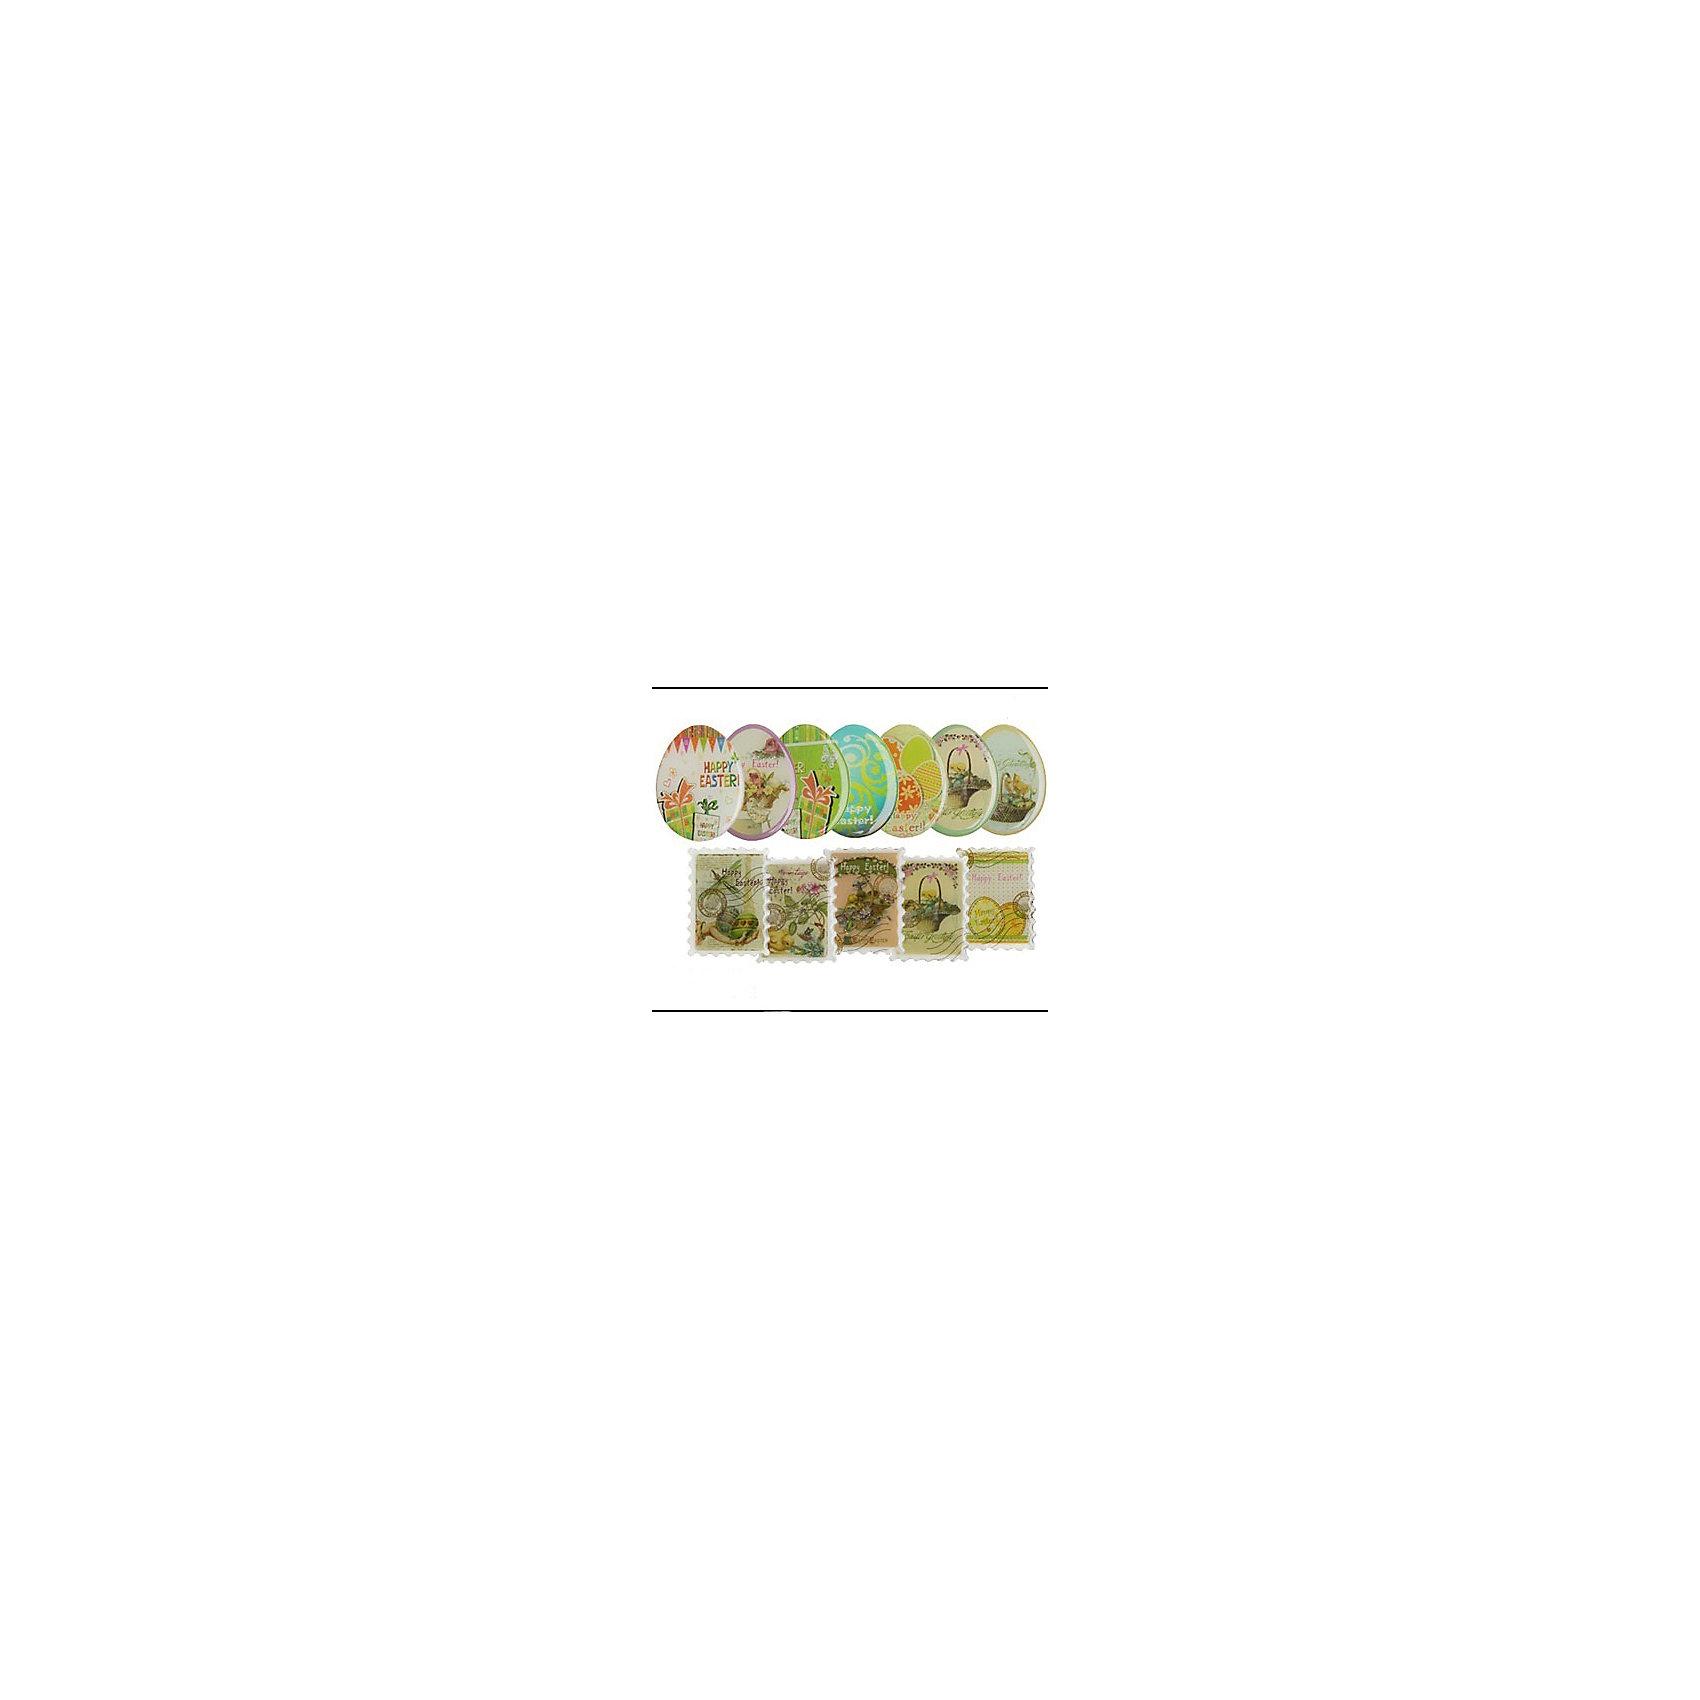 Магнит Пасхальный, в ассортиментеВсё для праздника<br>Магнит Пасхальный станет приятным сувениром для родных и друзей. В ассортименте представлены магниты в форме яйца и почтовой марки с разнообразными и оригинальными рисунками на тему пасхального праздника. Симпатичный сувенир прекрасно дополнит праздничный интерьер и поднимет настроение.<br><br>Дополнительная информация:<br><br>- Материал: полимерный материал, магнит.<br>- Размер магнита: 6 х 4,5 см.<br>- Вес: 10 гр.<br><br>Магнит Пасхальный, в ассортименте, Премьер-игрушка, можно купить в нашем интернет-магазине.<br><br>ВНИМАНИЕ! Данный артикул имеется в наличии в разных вариантах исполнения. Заранее выбрать определенный вариант нельзя. При заказе нескольких магнитов возможно получение одинаковых.<br><br>Ширина мм: 60<br>Глубина мм: 5<br>Высота мм: 45<br>Вес г: 10<br>Возраст от месяцев: 36<br>Возраст до месяцев: 2147483647<br>Пол: Унисекс<br>Возраст: Детский<br>SKU: 4512296